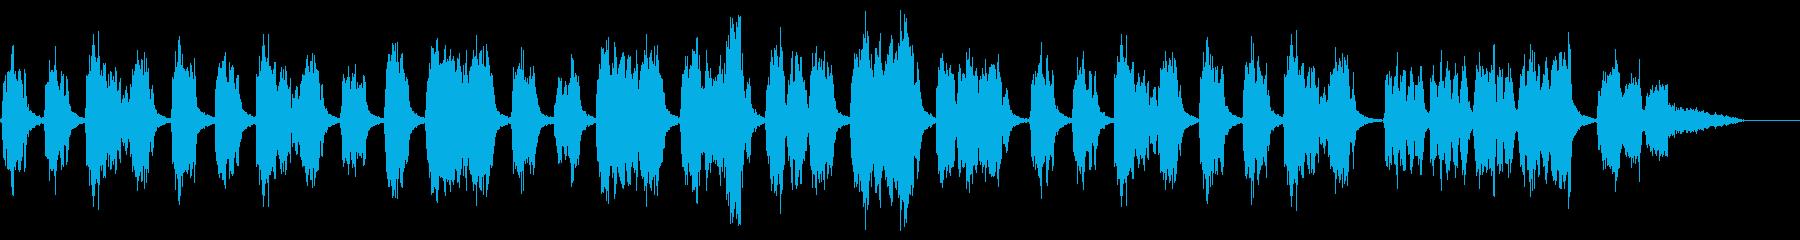 クワイアによる暗めで寂しい感じの楽曲の再生済みの波形